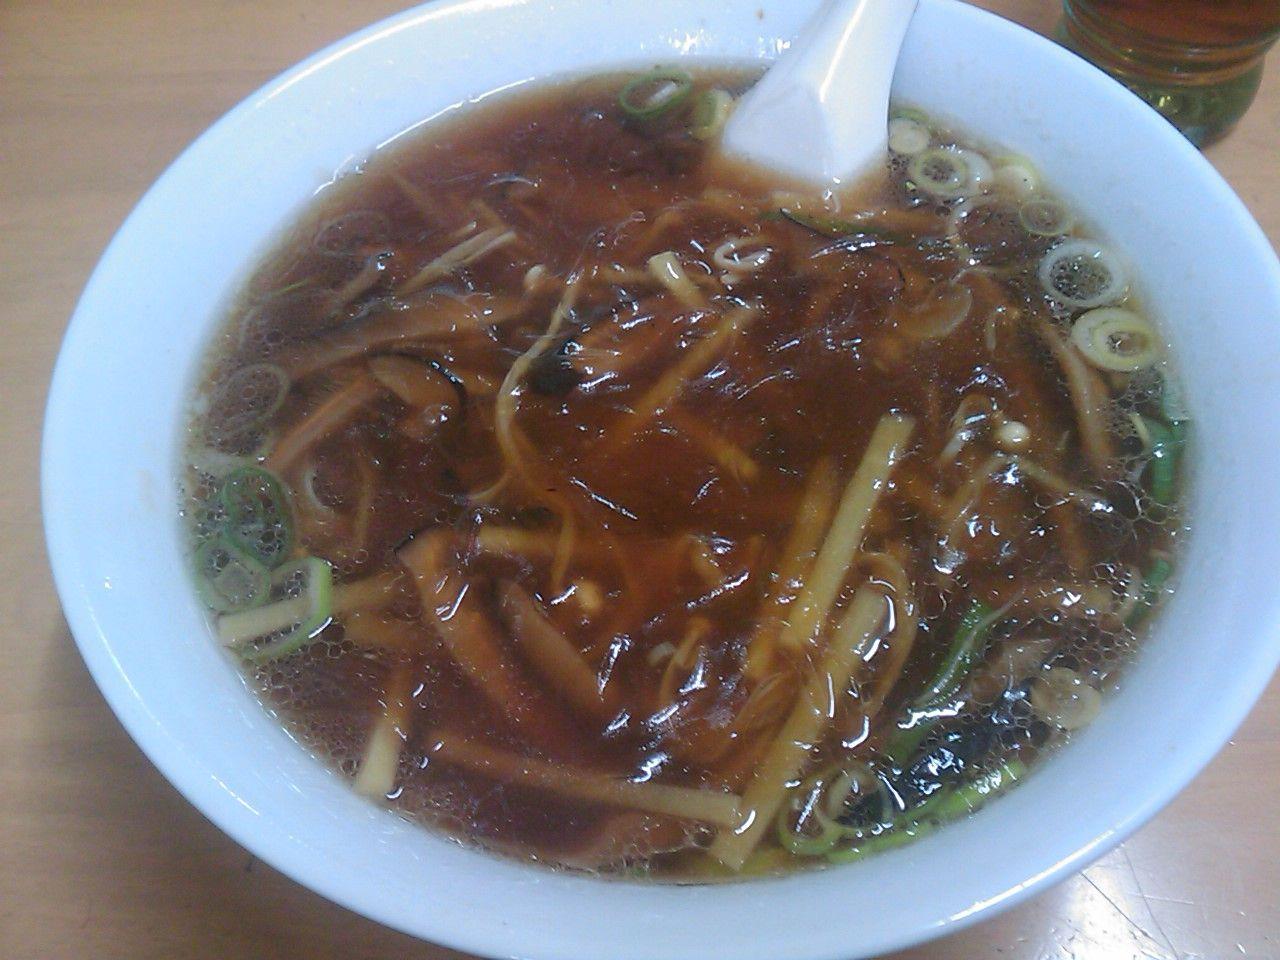 中華料理 金&#37995;昌(きんしんしょう) フカヒレラーメン 1100円      <br> 確かに単調な味ではあるものの、独特のスープの香料の香りある味が面白い。このラーメンも嫌いじゃない。